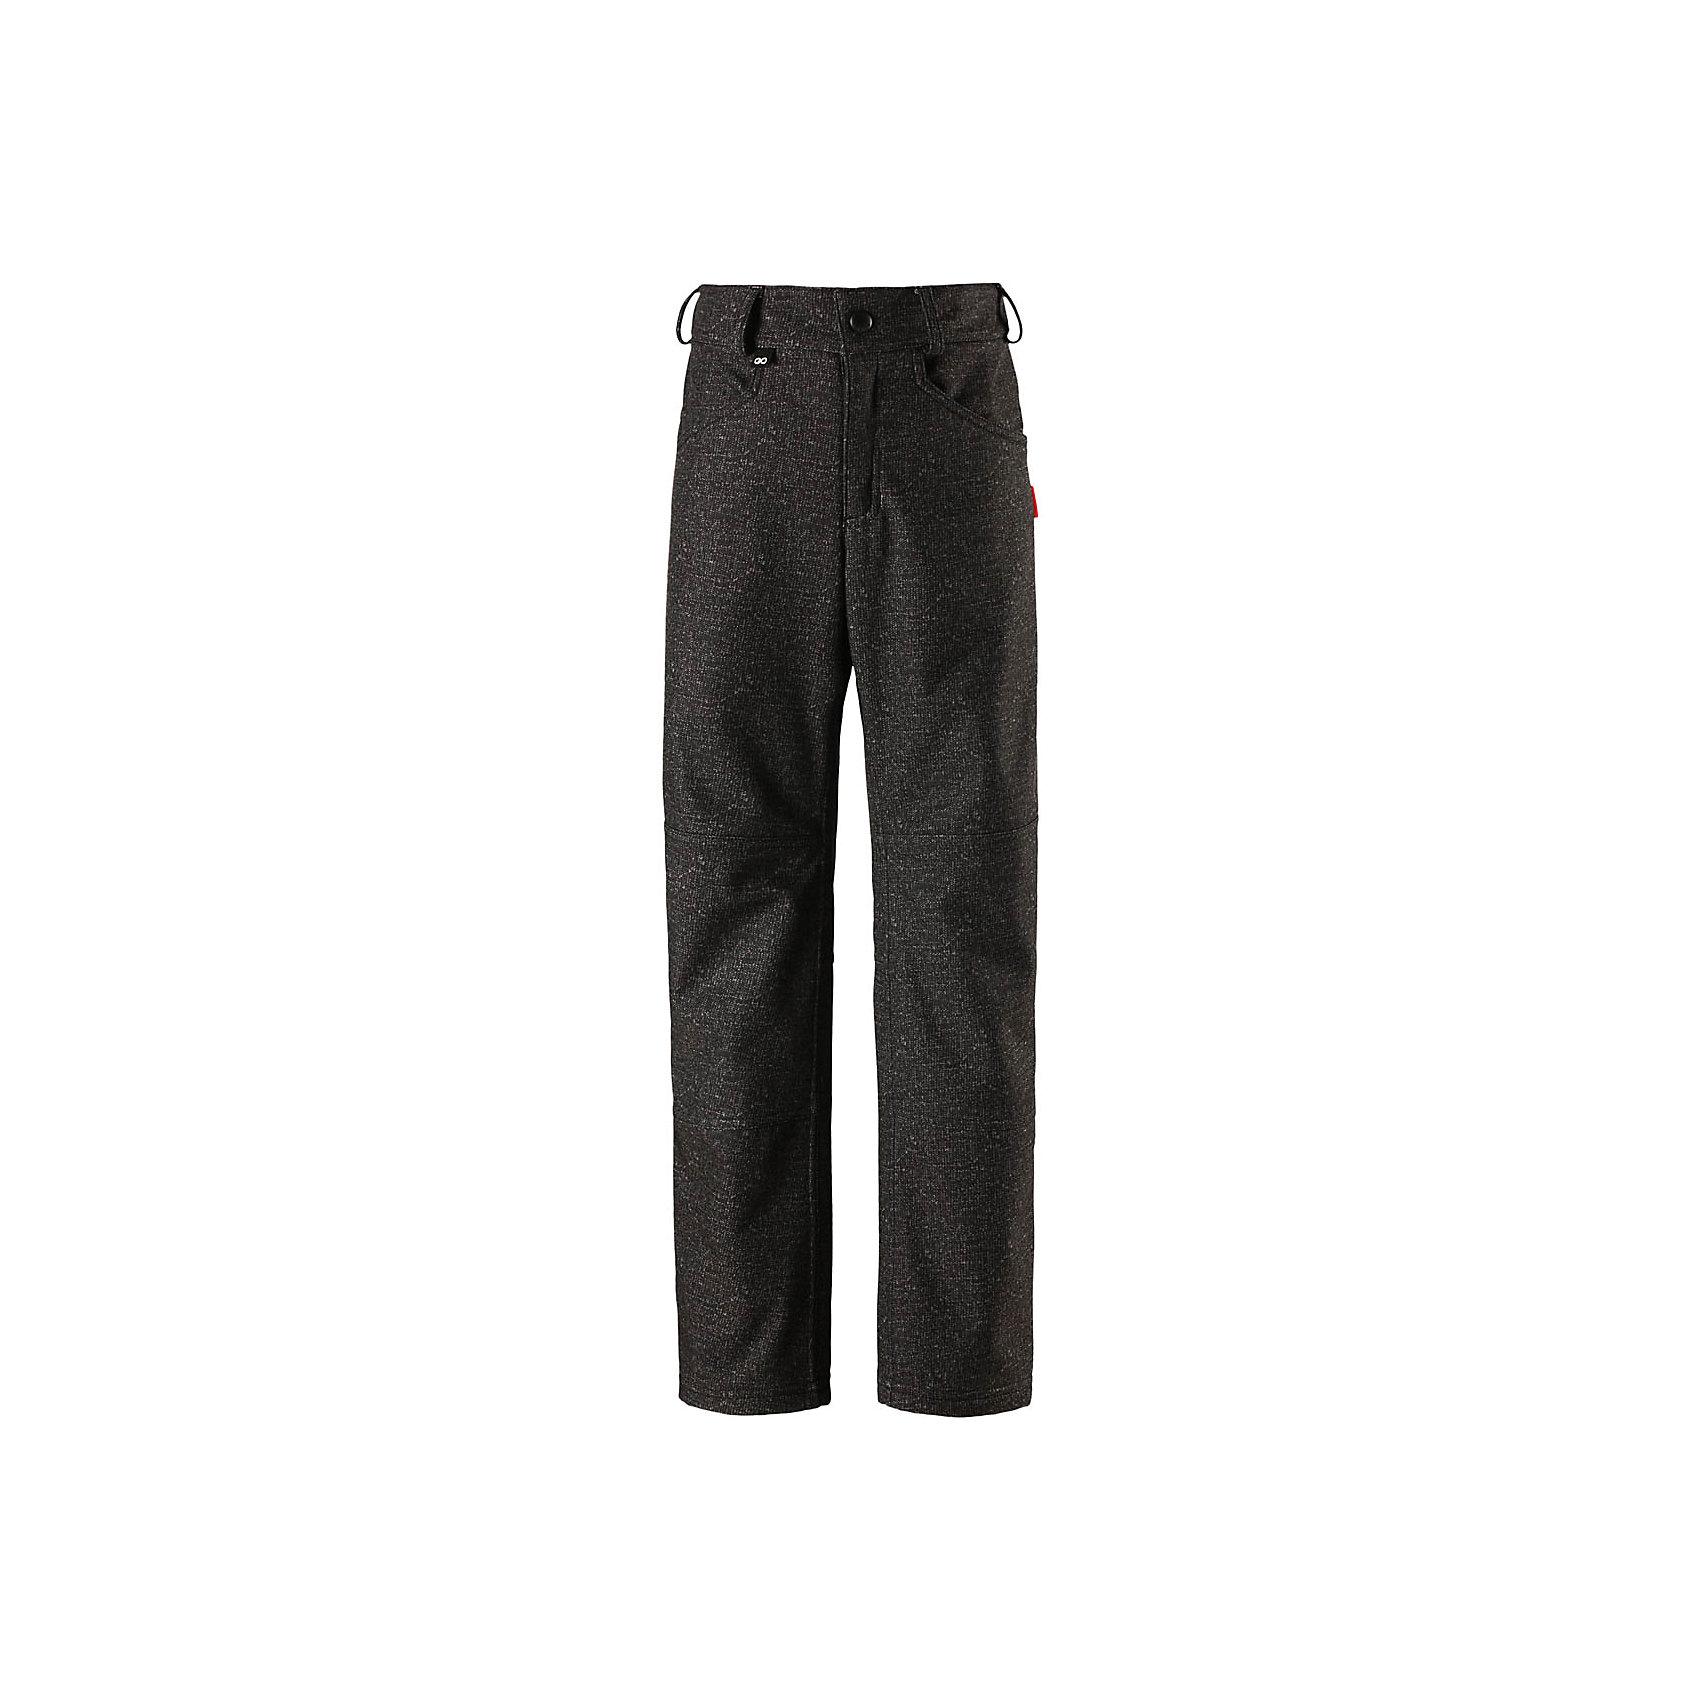 Брюки Reima MightyФлис и термобелье<br>Характеристики товара:<br><br>• цвет: черный джинс;<br>• состав: 95% полиэстер, 5% эластан;<br>• подкладка: 100% полиэстер, флис;<br>• утеплитель: без дополнительного утепления;<br>• сезон: демисезон;<br>• температурный режим: от 0 до +10С;<br>• водонепроницаемость: 10000 мм;<br>• воздухопроницаемость: 5000 мм;<br>• водоотталкивающий, ветронепроницаемый и дышащий материал;<br>• из ветронепроницаемого материала, но изделие дышит;<br>• брюки из материала softshell для подростков;<br>• застежка: ширинка на молнии и пуговица;<br>• внутренняя регулировка обхвата талии;<br>• брюки на флисовой подкладке;<br>• два боковых кармана;<br>• потайной карман для датчика ReimaGO®;<br>• светоотражающие детали;<br>• страна бренда: Финляндия;<br>• страна изготовитель: Китай.<br><br>Дышащие и эластичные брюки softshell в джинсовом стиле для детей и подростков. Они сшиты из специального водоотталкивающего, ветронепроницаемого и дышащего материала. С изнаночной стороны подшиты мягким и приятным на ощупь флисом. Брюки регулируются на талии и снабжены боковыми карманами, а также специальным потайным карманом для сенсора ReimaGO®. Самые модные и удобные брюки для школы и отдыха!<br><br>Брюки Mighty Reima от финского бренда Reima (Рейма) можно купить в нашем интернет-магазине.<br><br>Ширина мм: 215<br>Глубина мм: 88<br>Высота мм: 191<br>Вес г: 336<br>Цвет: серый<br>Возраст от месяцев: 36<br>Возраст до месяцев: 48<br>Пол: Унисекс<br>Возраст: Детский<br>Размер: 104,164,110,116,122,128,134,140,146,152,158<br>SKU: 6904203